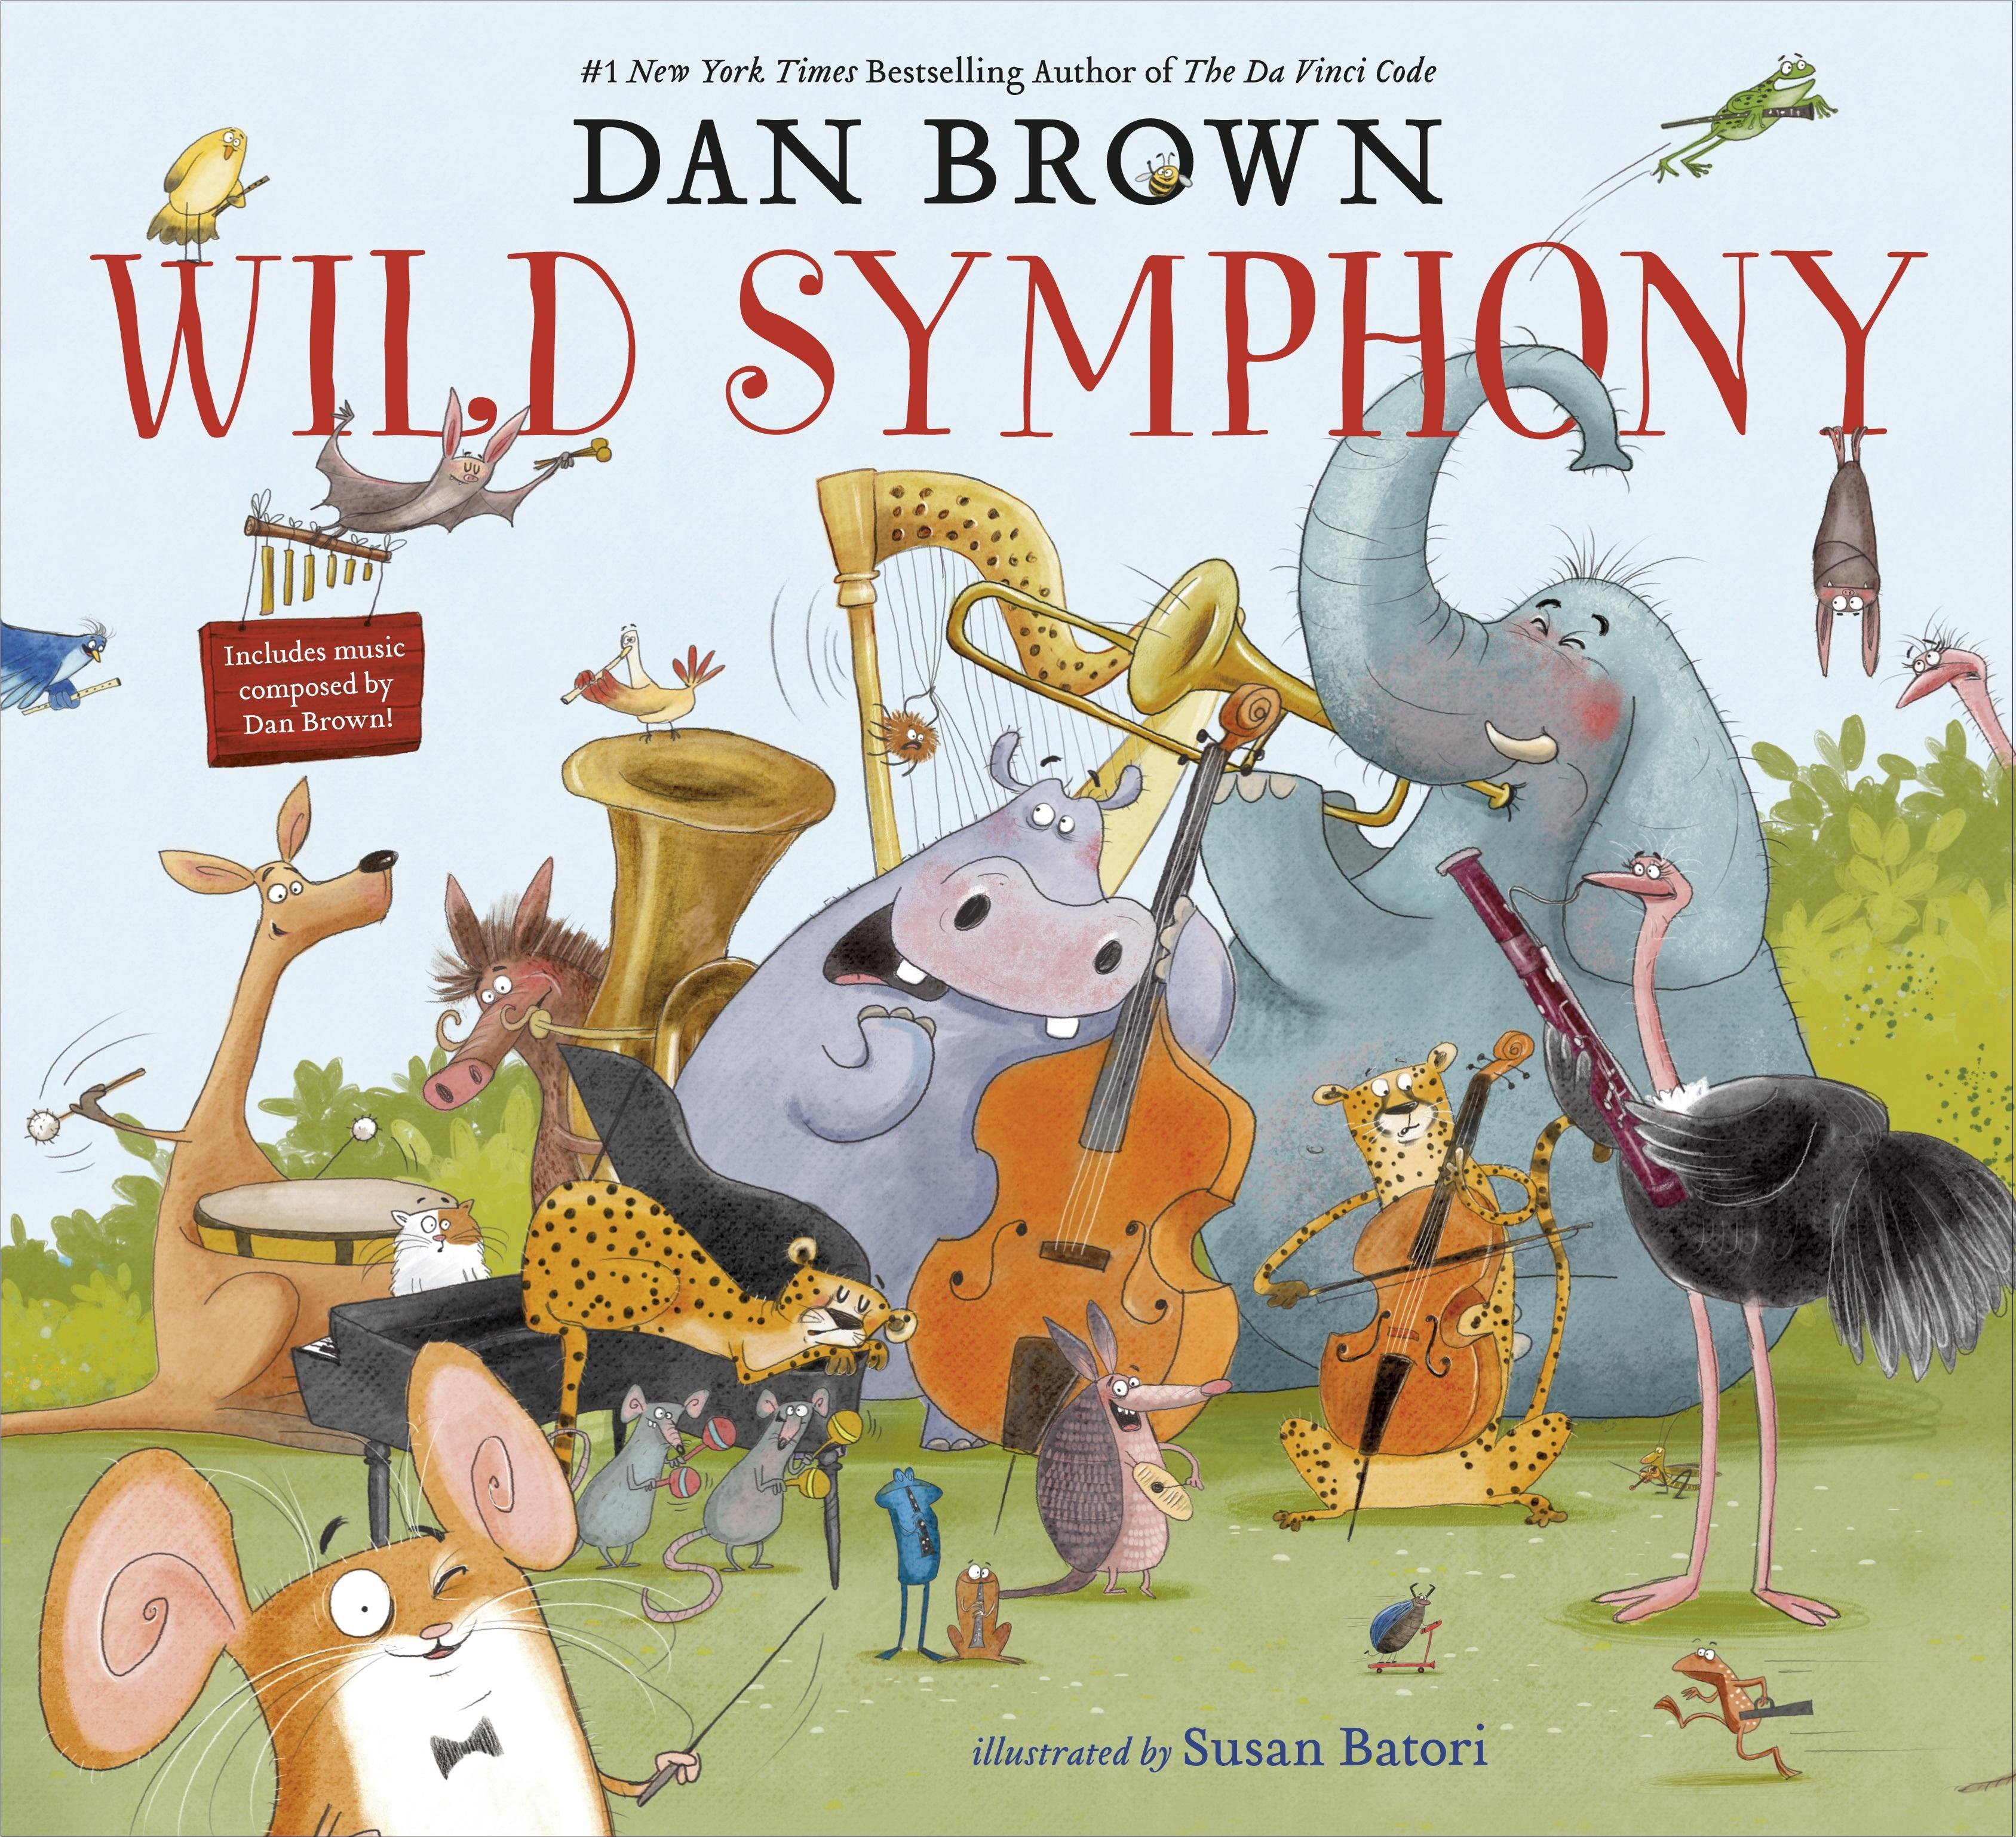 Dan Brown to Make His Picture Book Debut